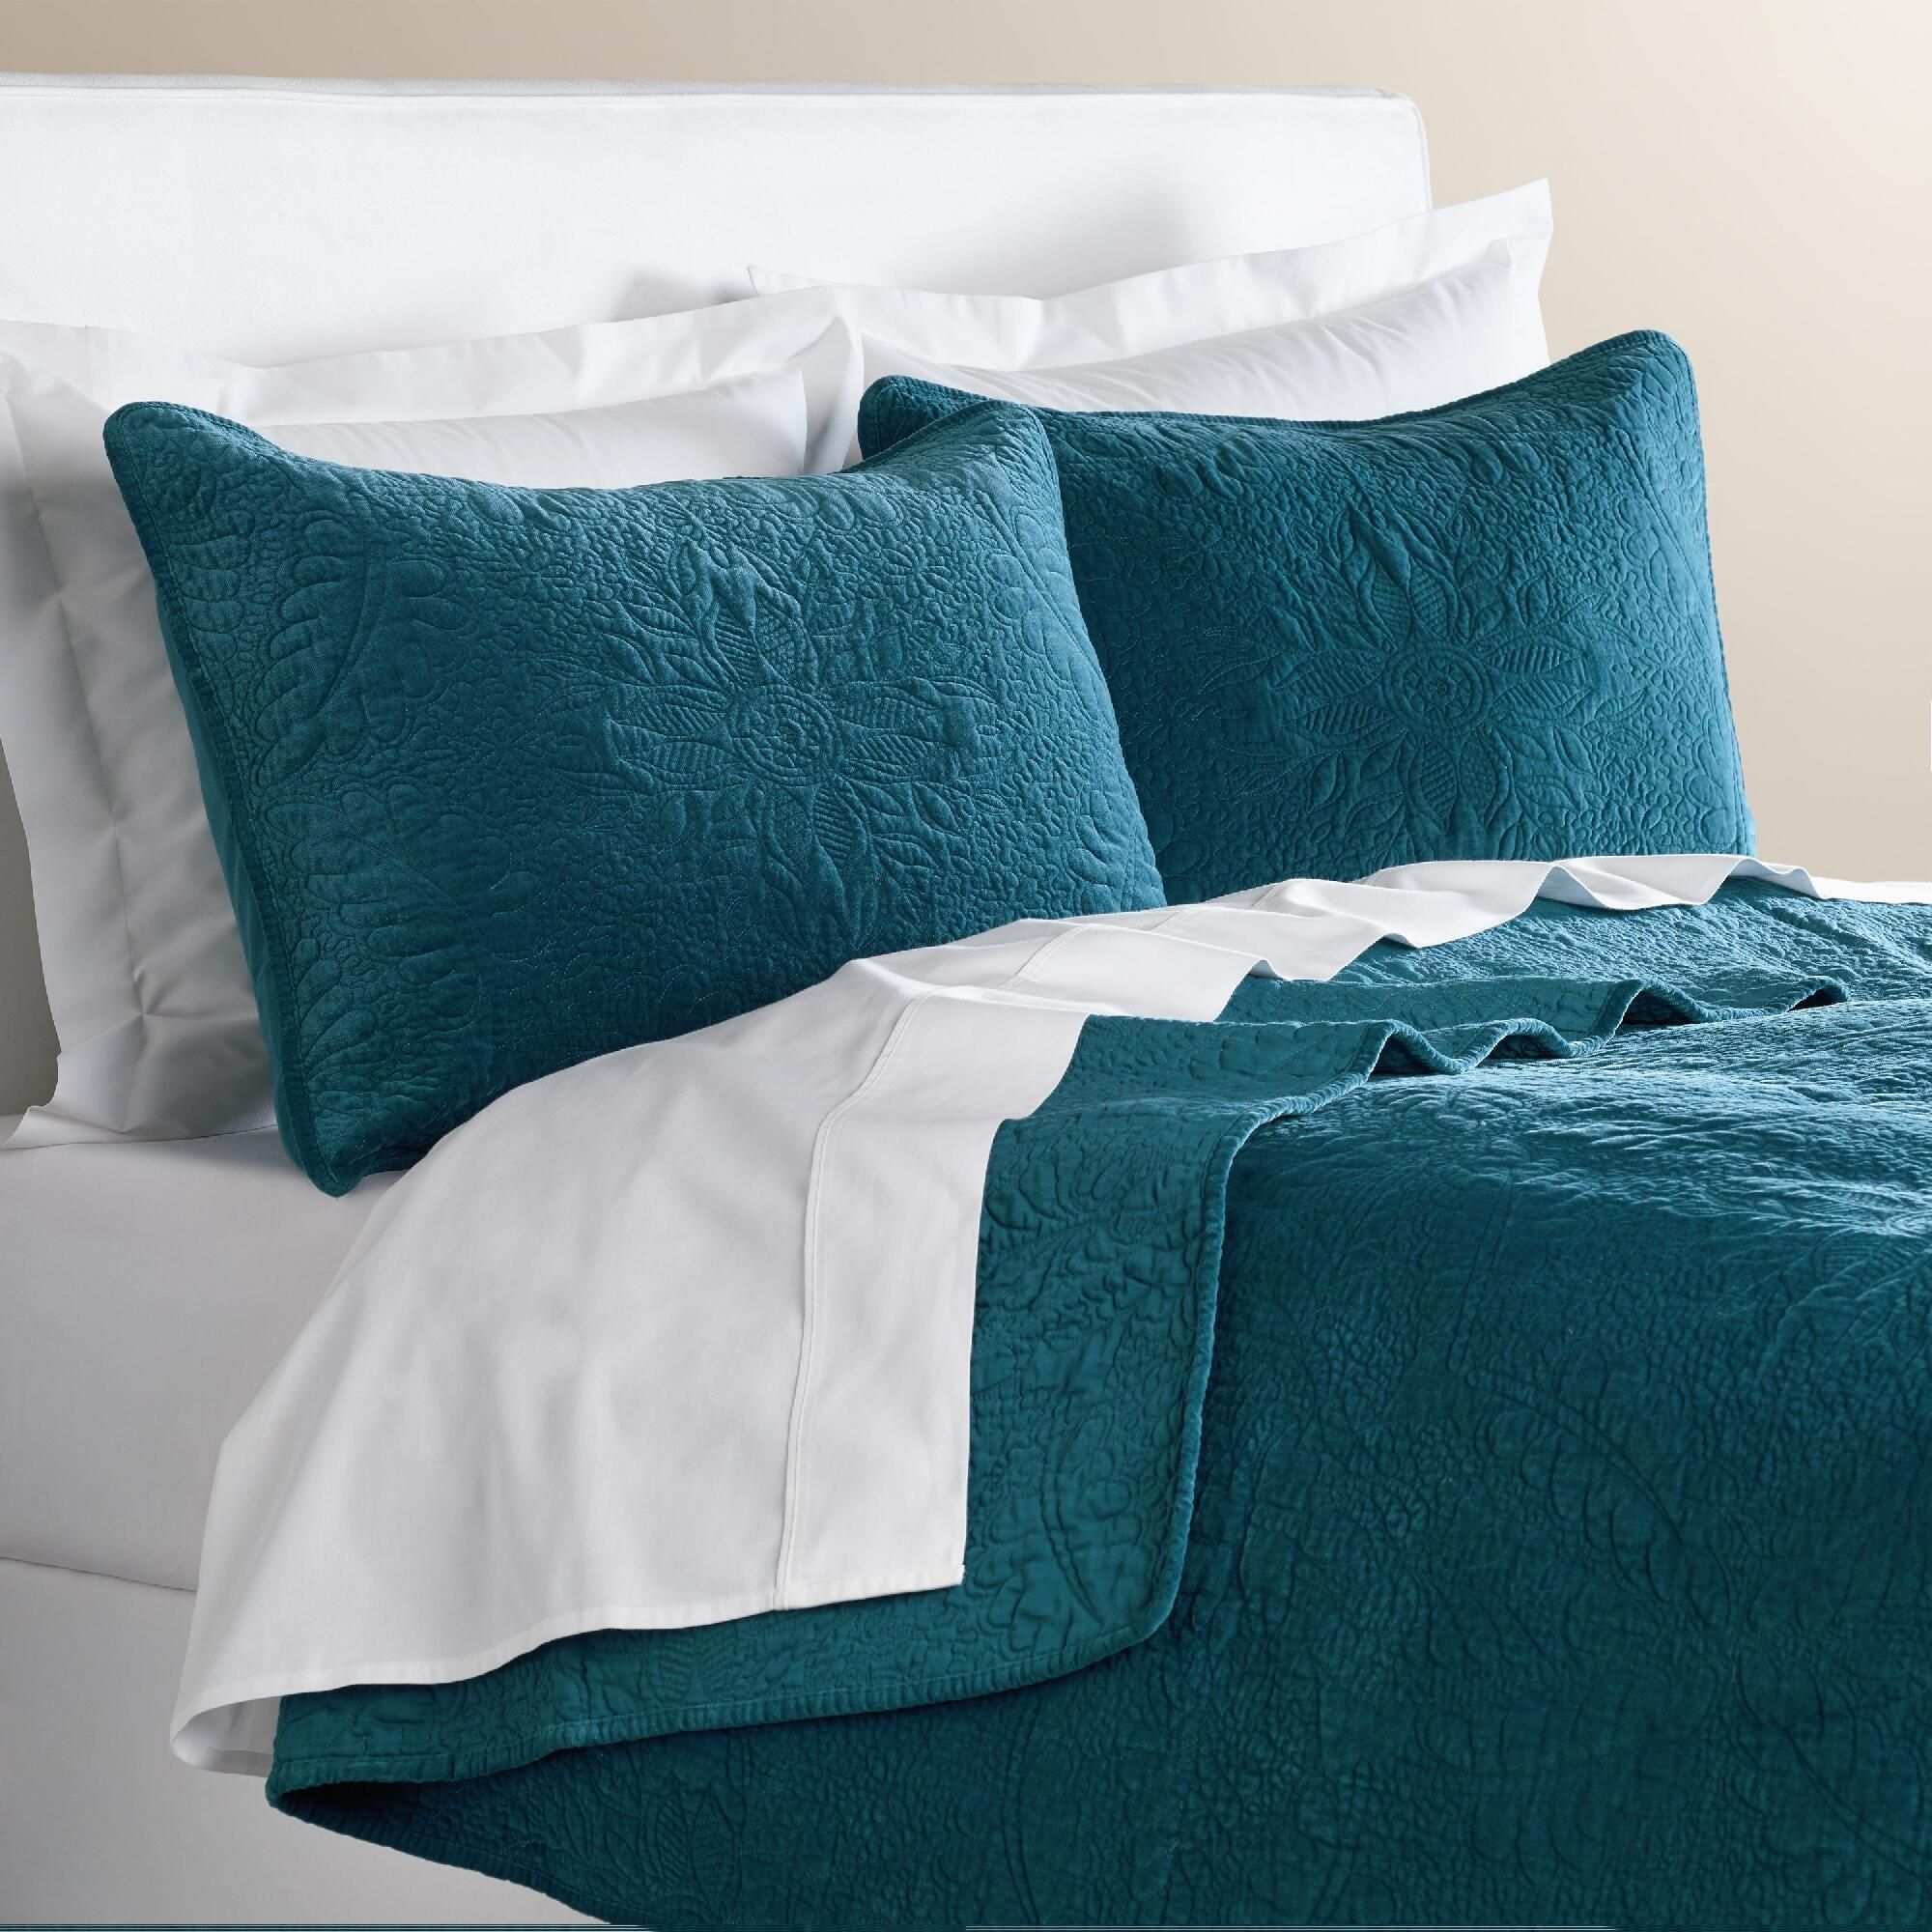 Midnight Blue Velvet Quilt World Market Velvet bed